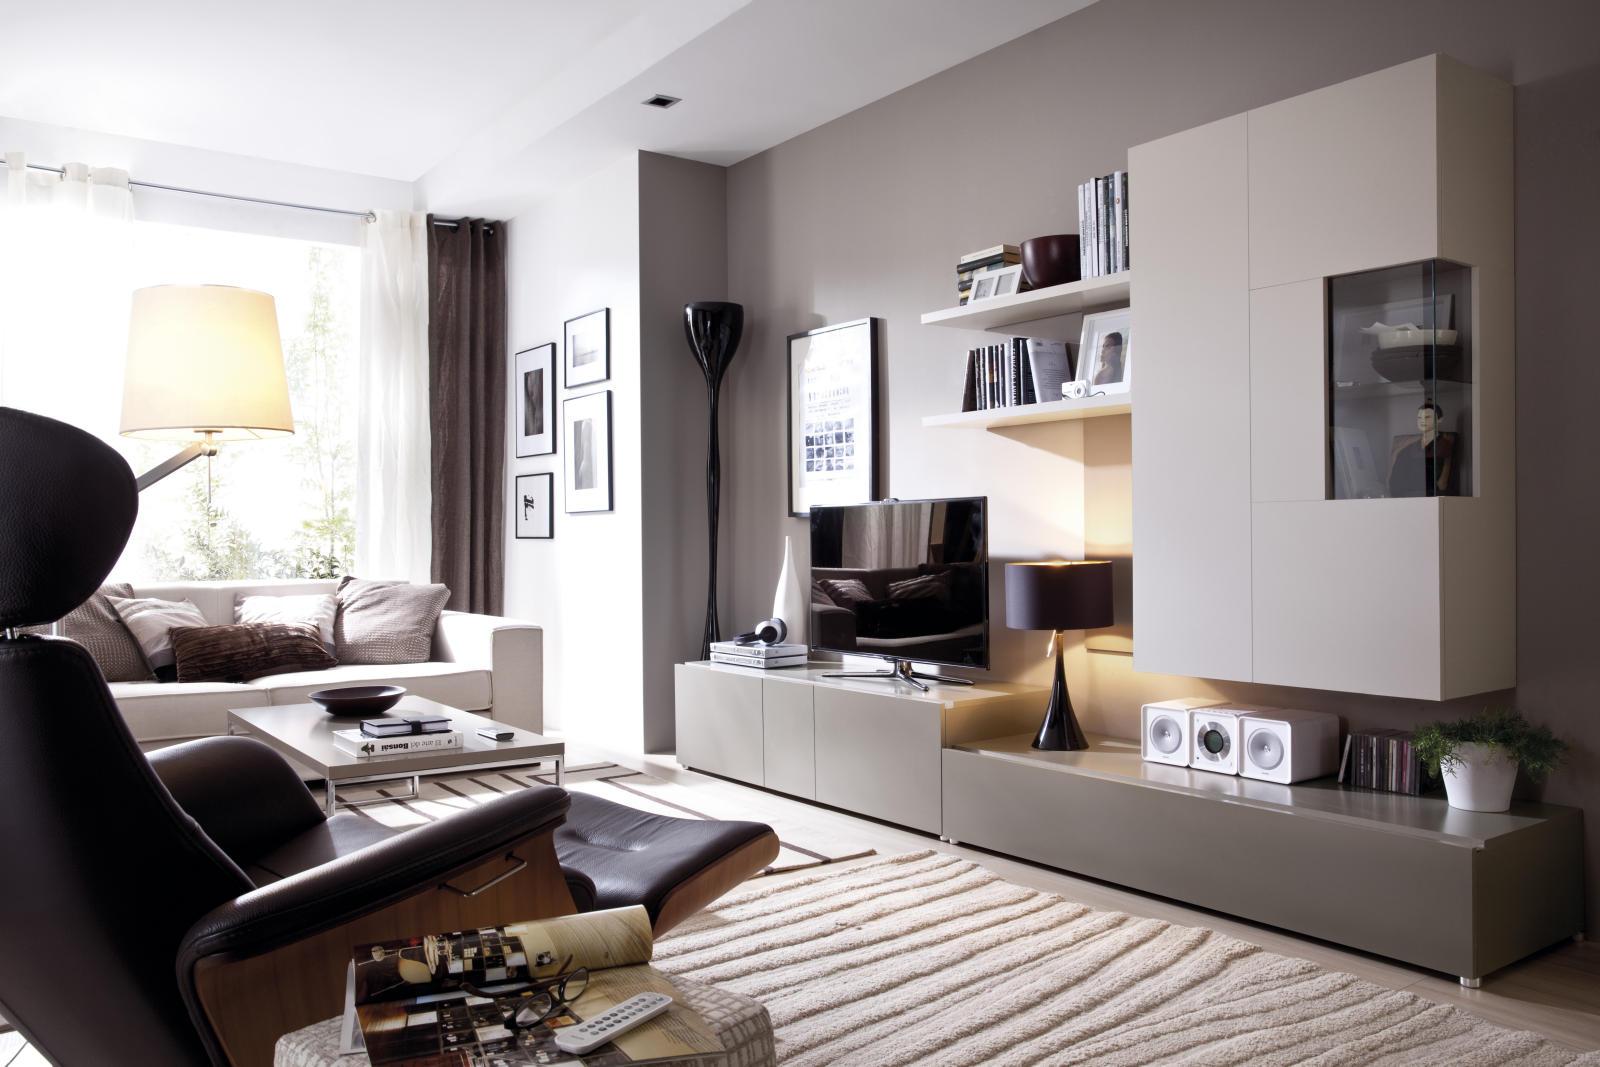 Sillas de dise o muebles epa blog - Imagenes salones modernos ...